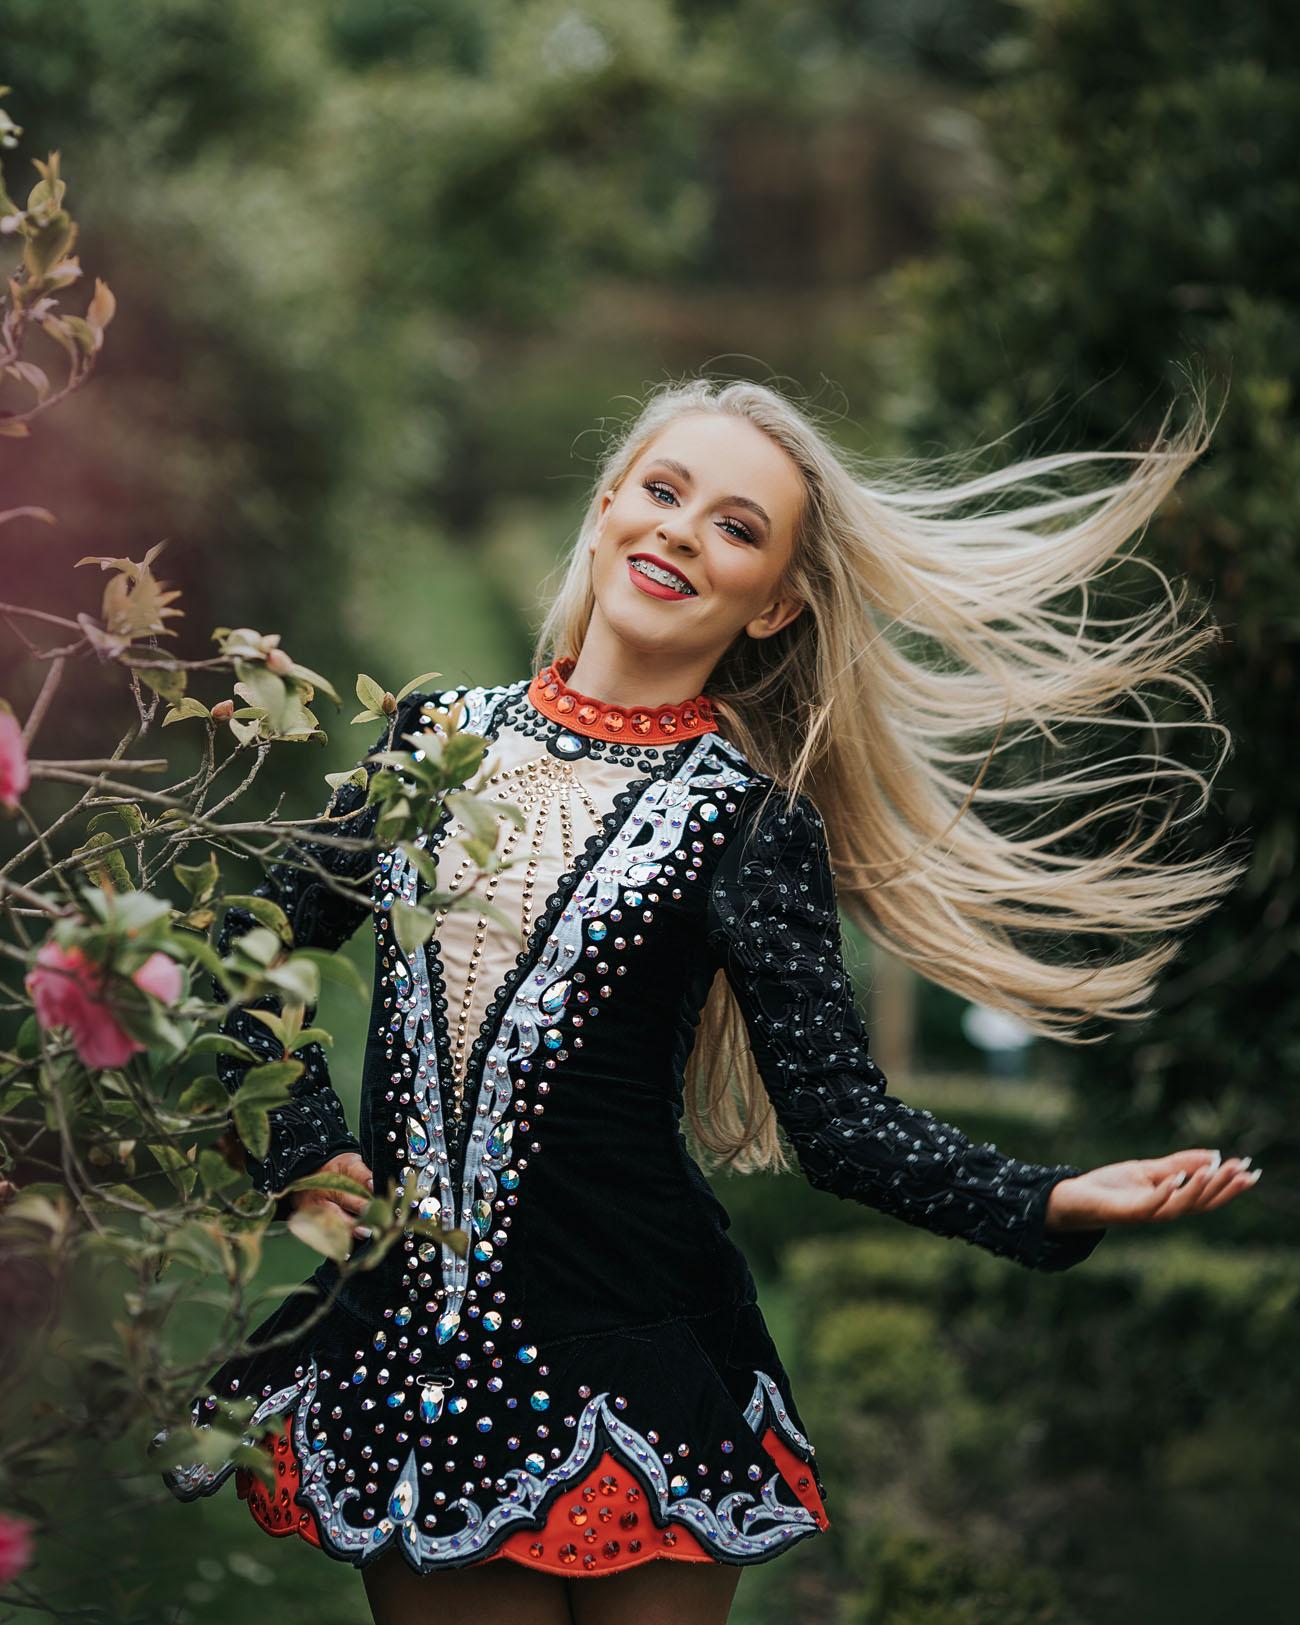 irish-dance-portrait-photographer-dublin-ireland-0056.jpg